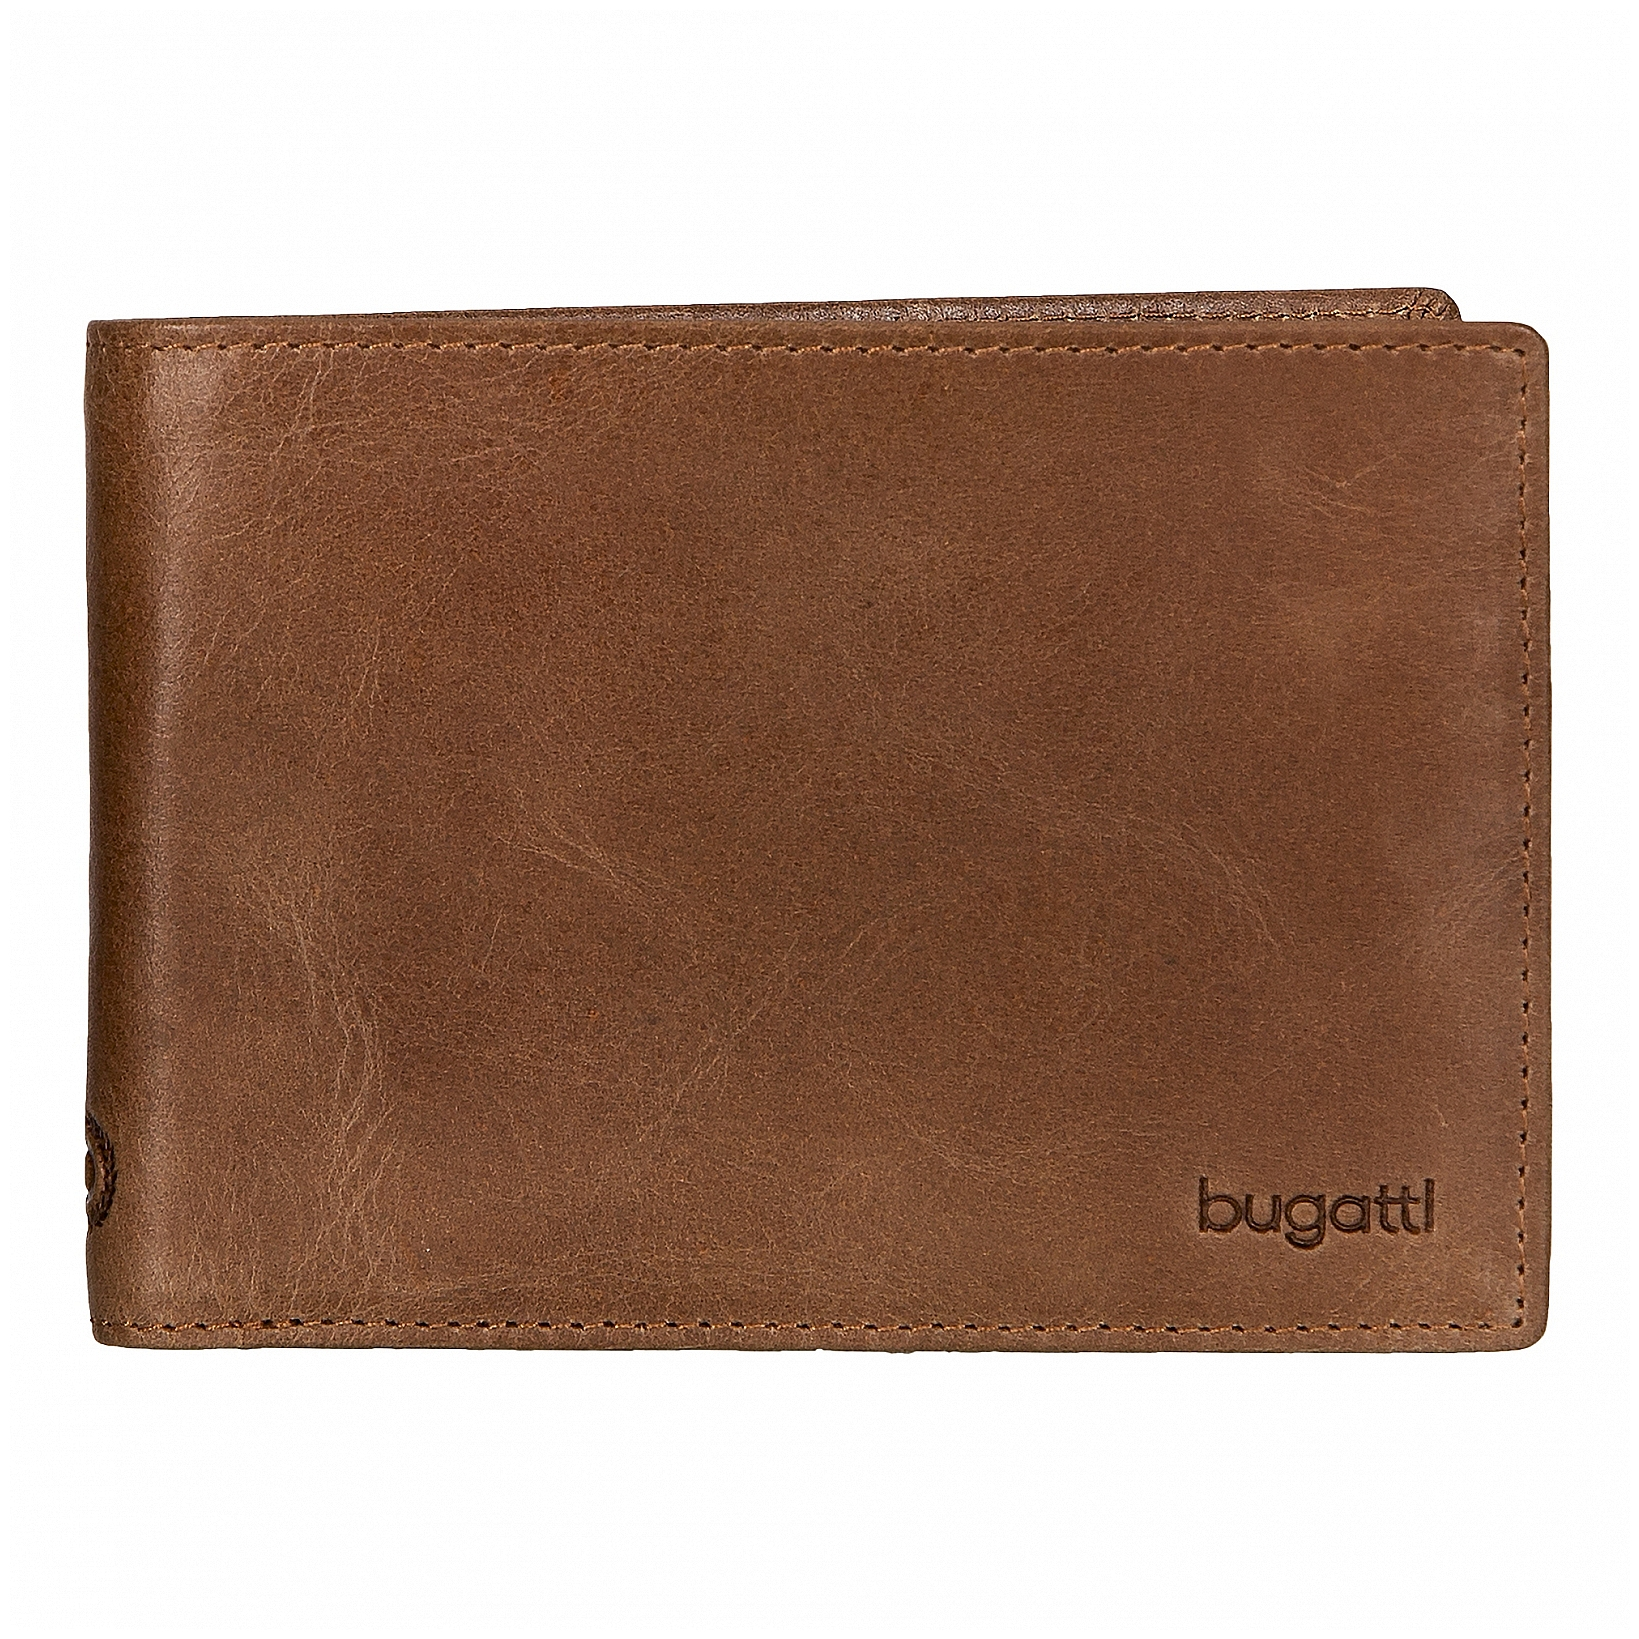 Bugatti Pánská kožená peněženka VOLO 49217607 koňak c9b4bbde43